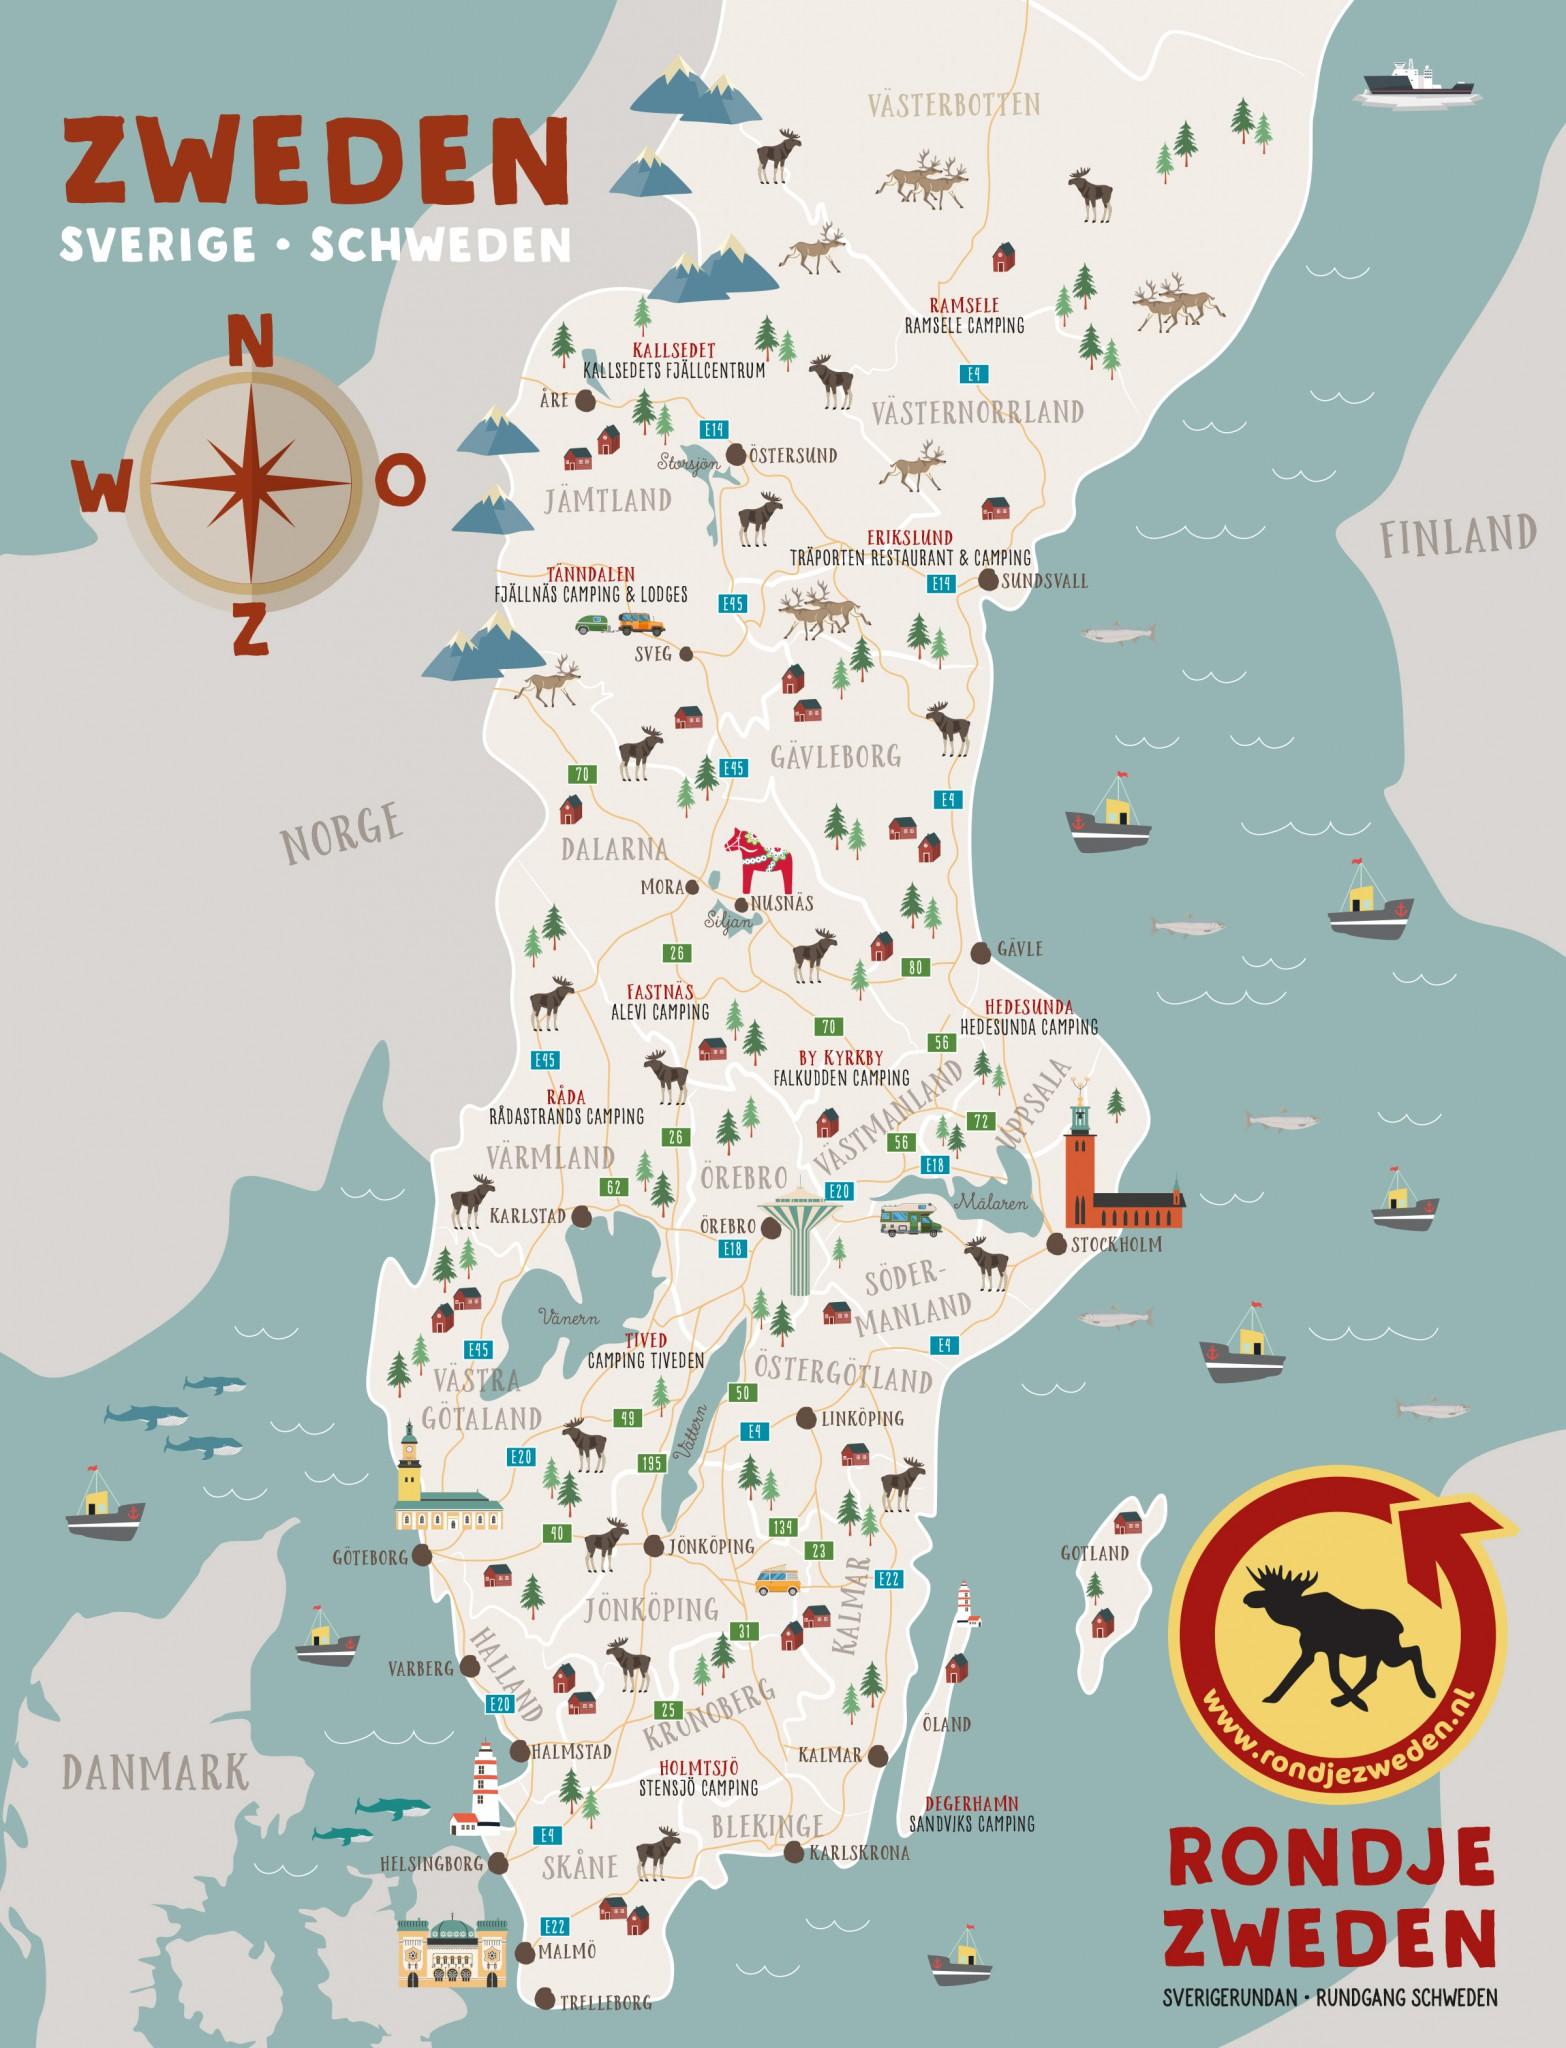 Een overzicht van waar de campings van Rondje Zweden zich bevinden op de kaart.